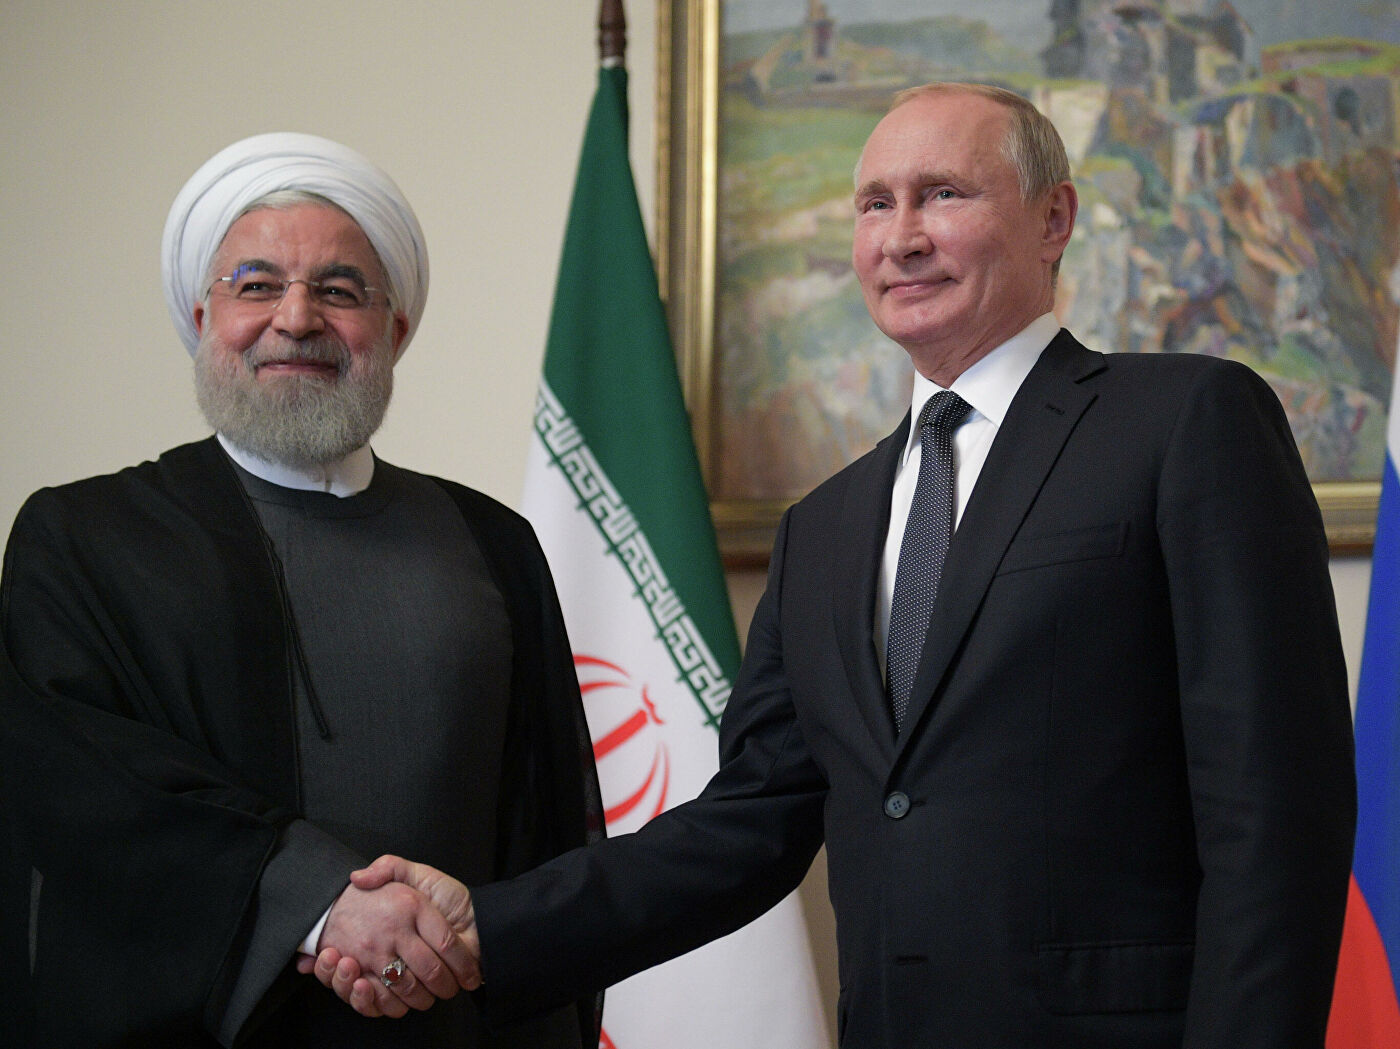 Putin i Rohani razgovarali o Siriji, nuklearnom sporazumu i ukidanju embarga na oružje protiv Teherana